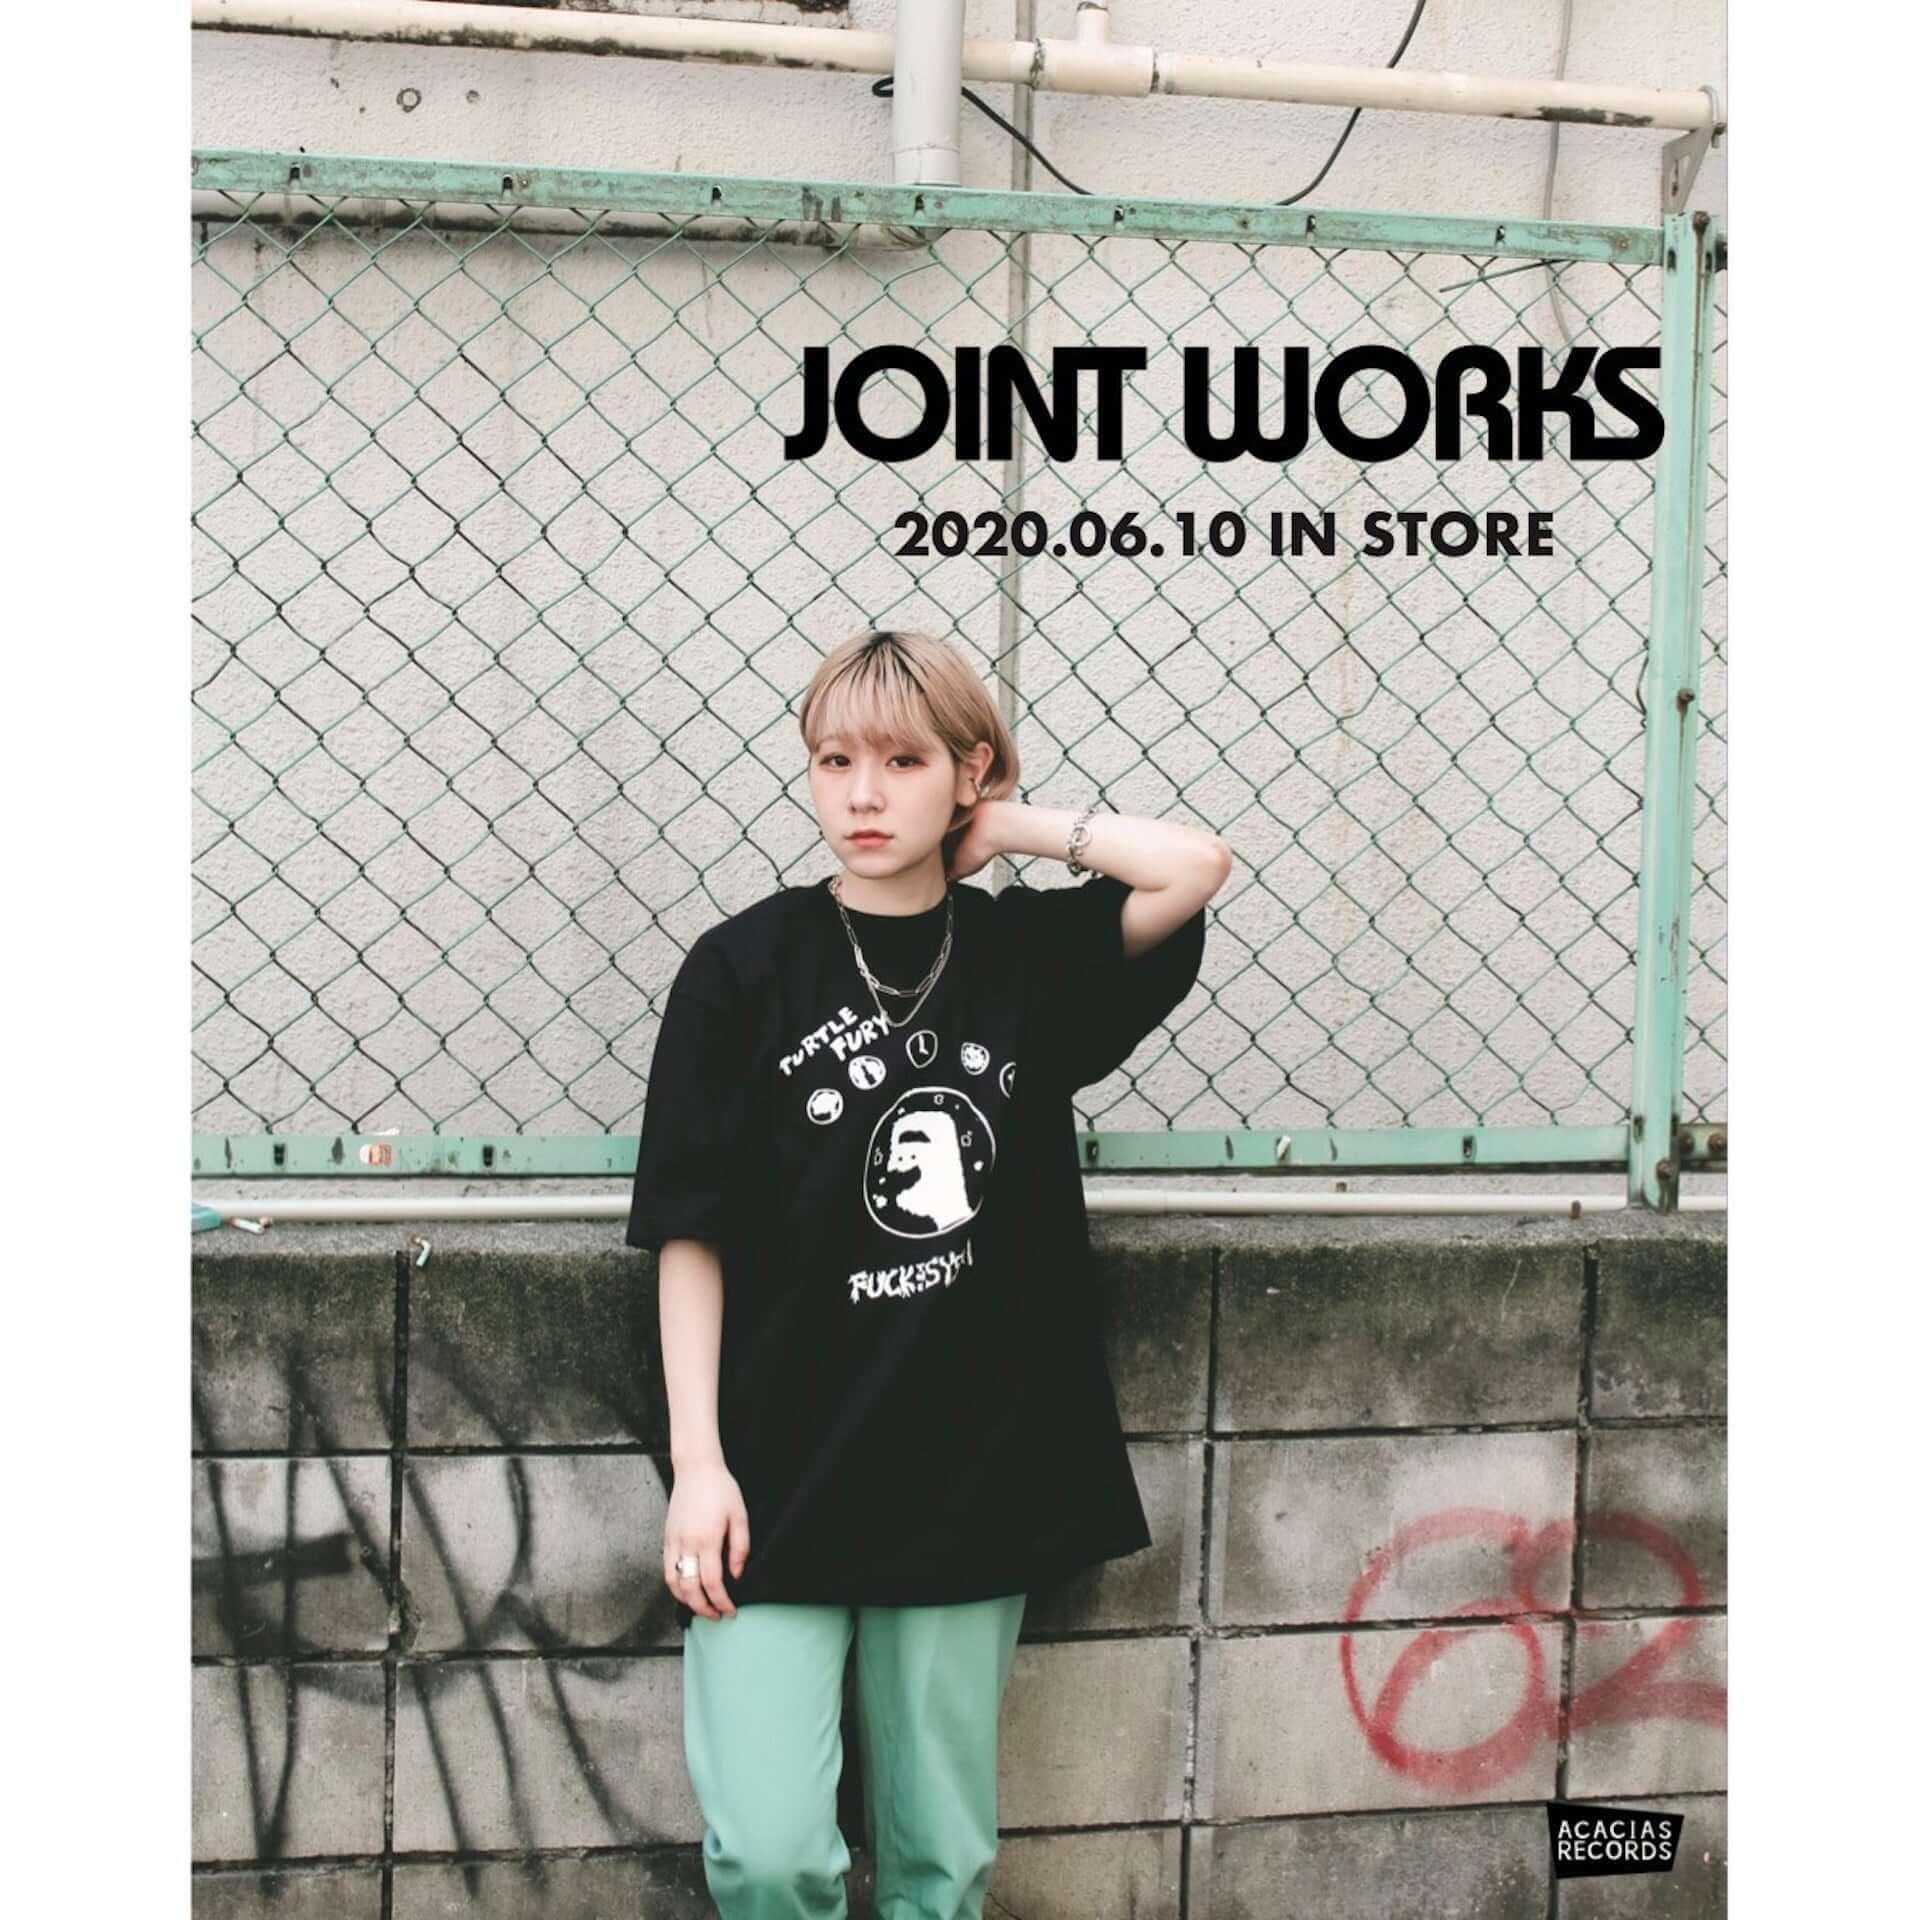 架空のレコードショップ・ACACIAS RECORDSのTシャツがJOINT WORKSにて販売決定|先着でステッカーもプレゼント lf200609_acaciasrecords_6-1920x1920